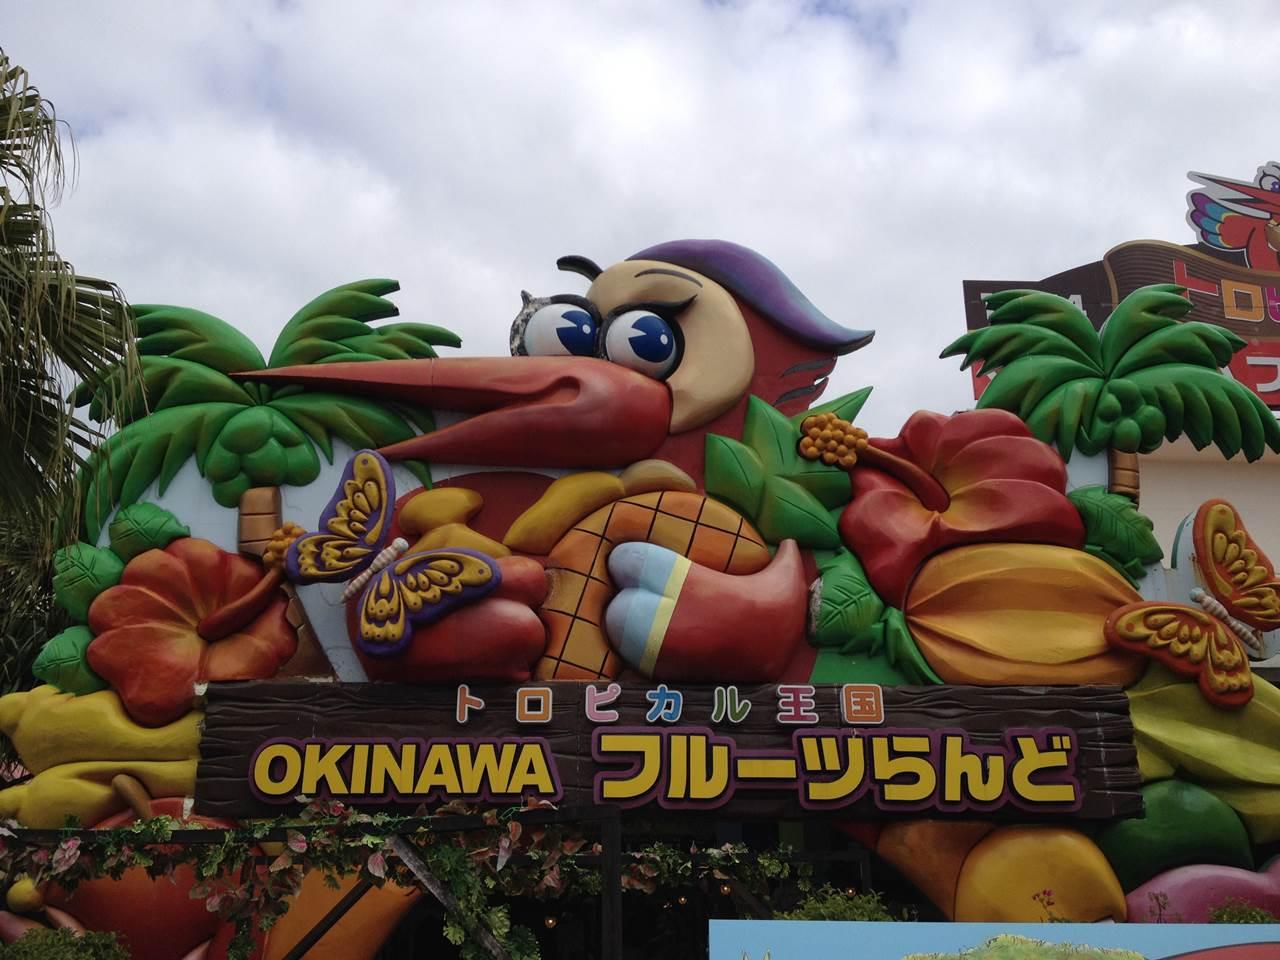 トロピカル王国OKINAWAフルーツらんど入口